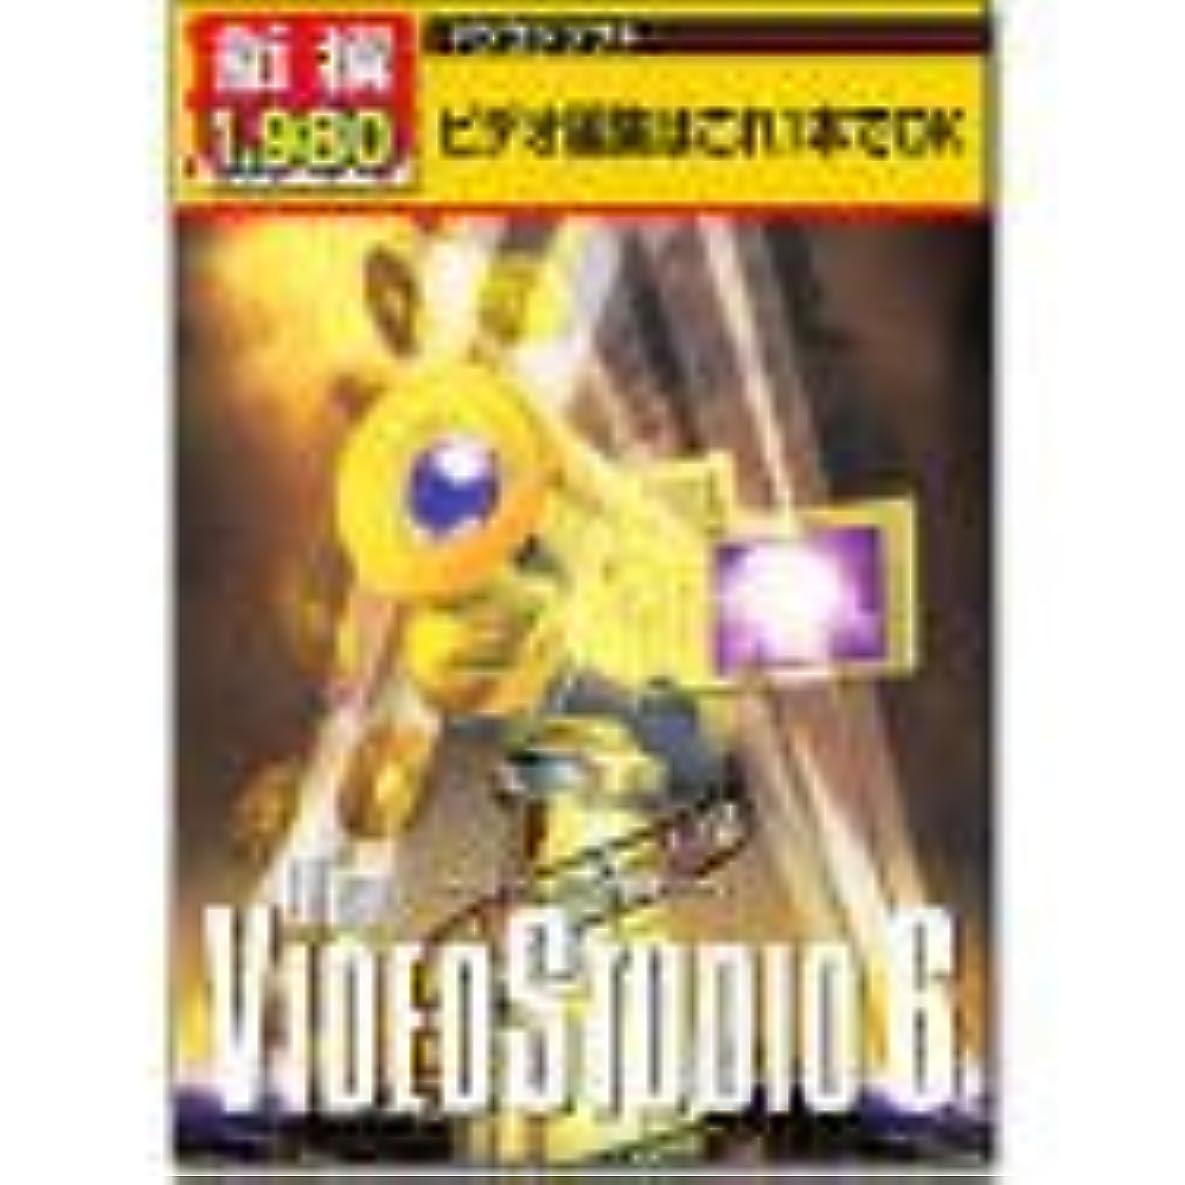 区調べる序文新撰1980円 ユーリード ビデオスタジオ6